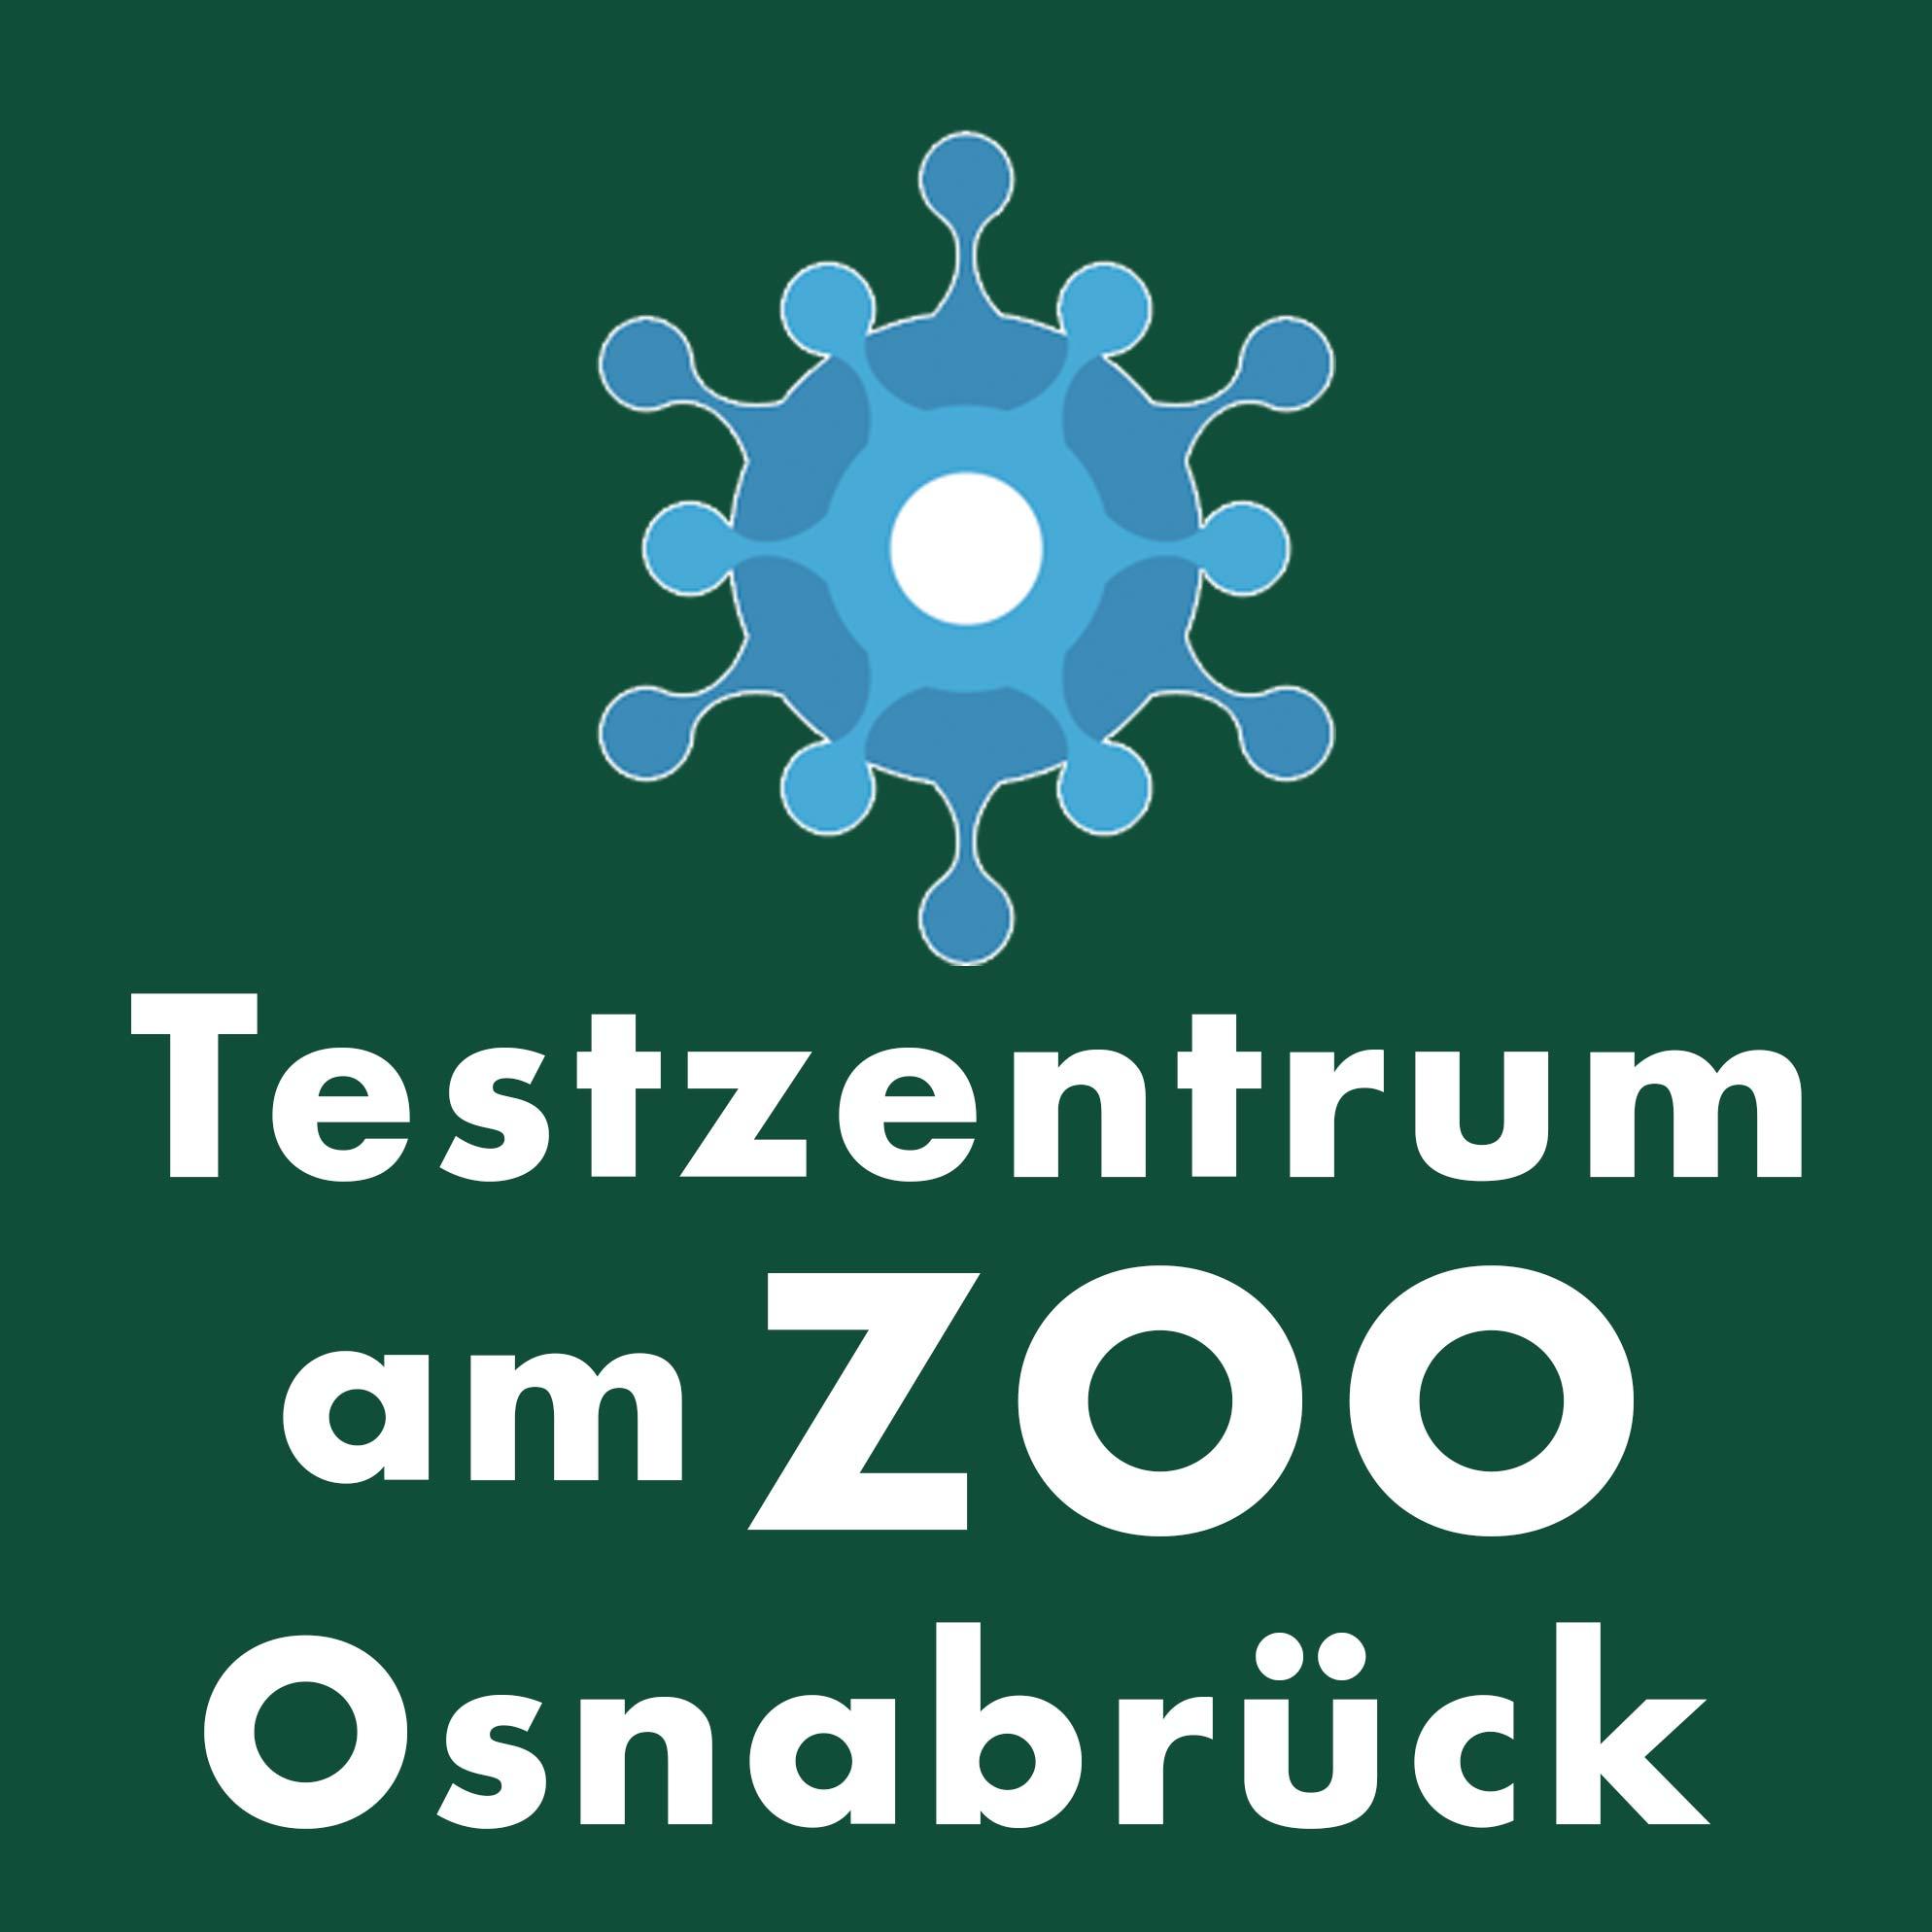 Testzentrum am Zoo Osnabrück